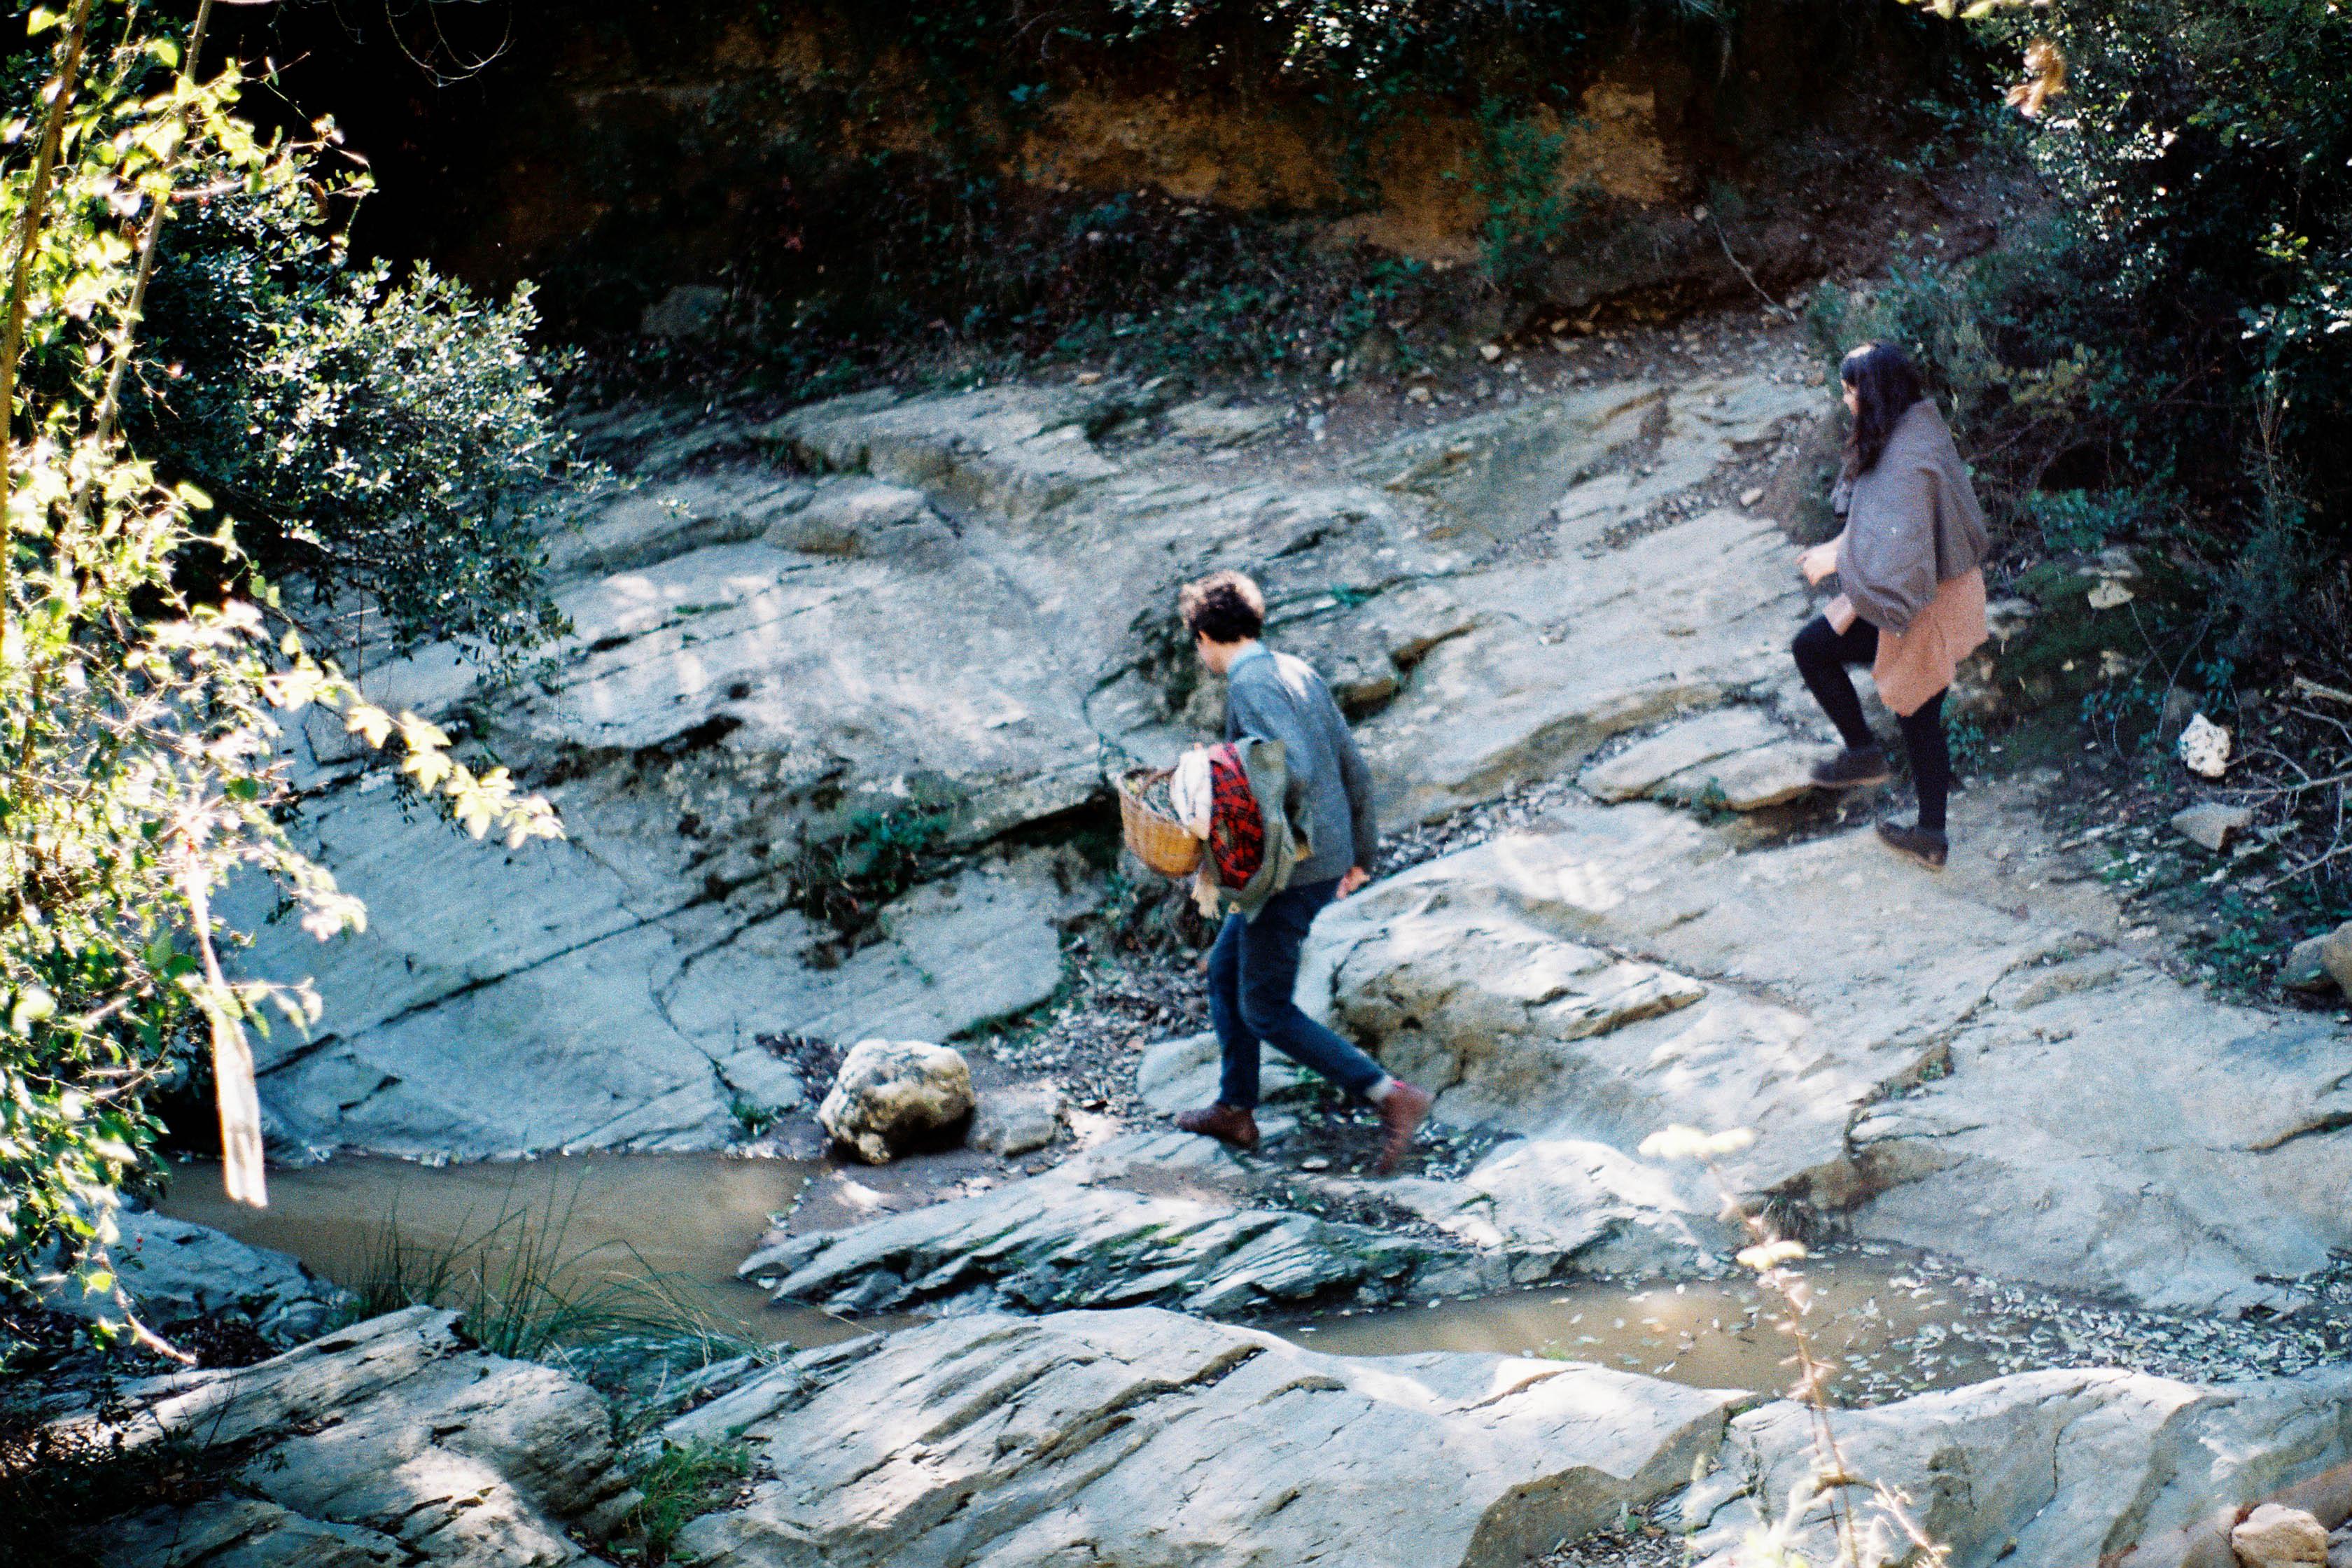 http://lafilladelfotografu.irenavisa.com/files/gimgs/67_f1030009.jpg